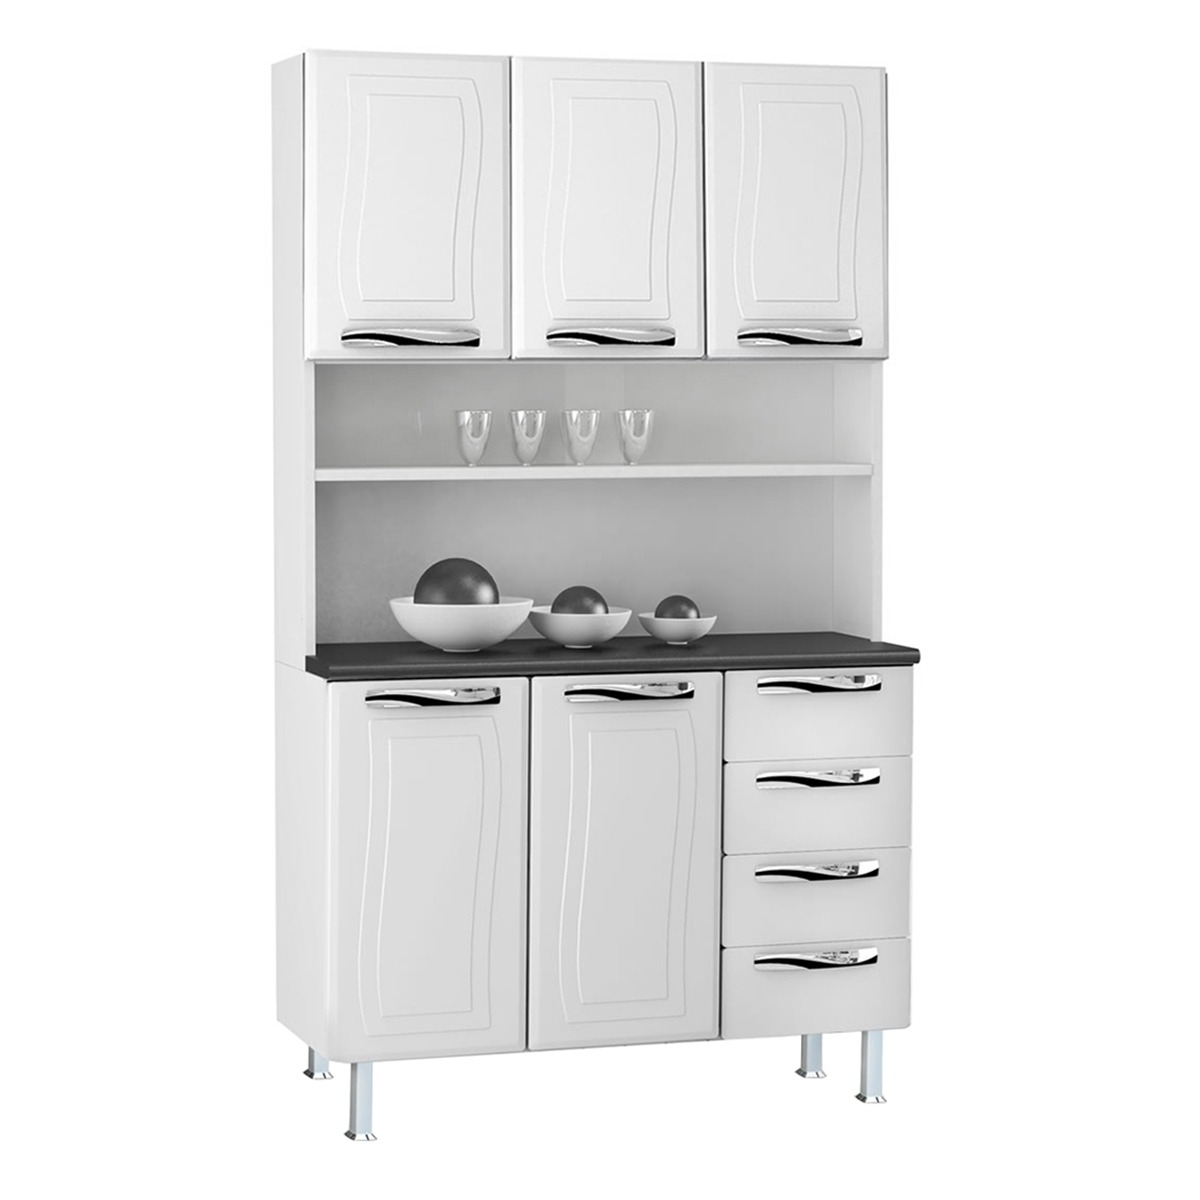 Kit de Cozinha Colormaq Ipanema 5 Portas e 4 Gavetas em Aço Branco